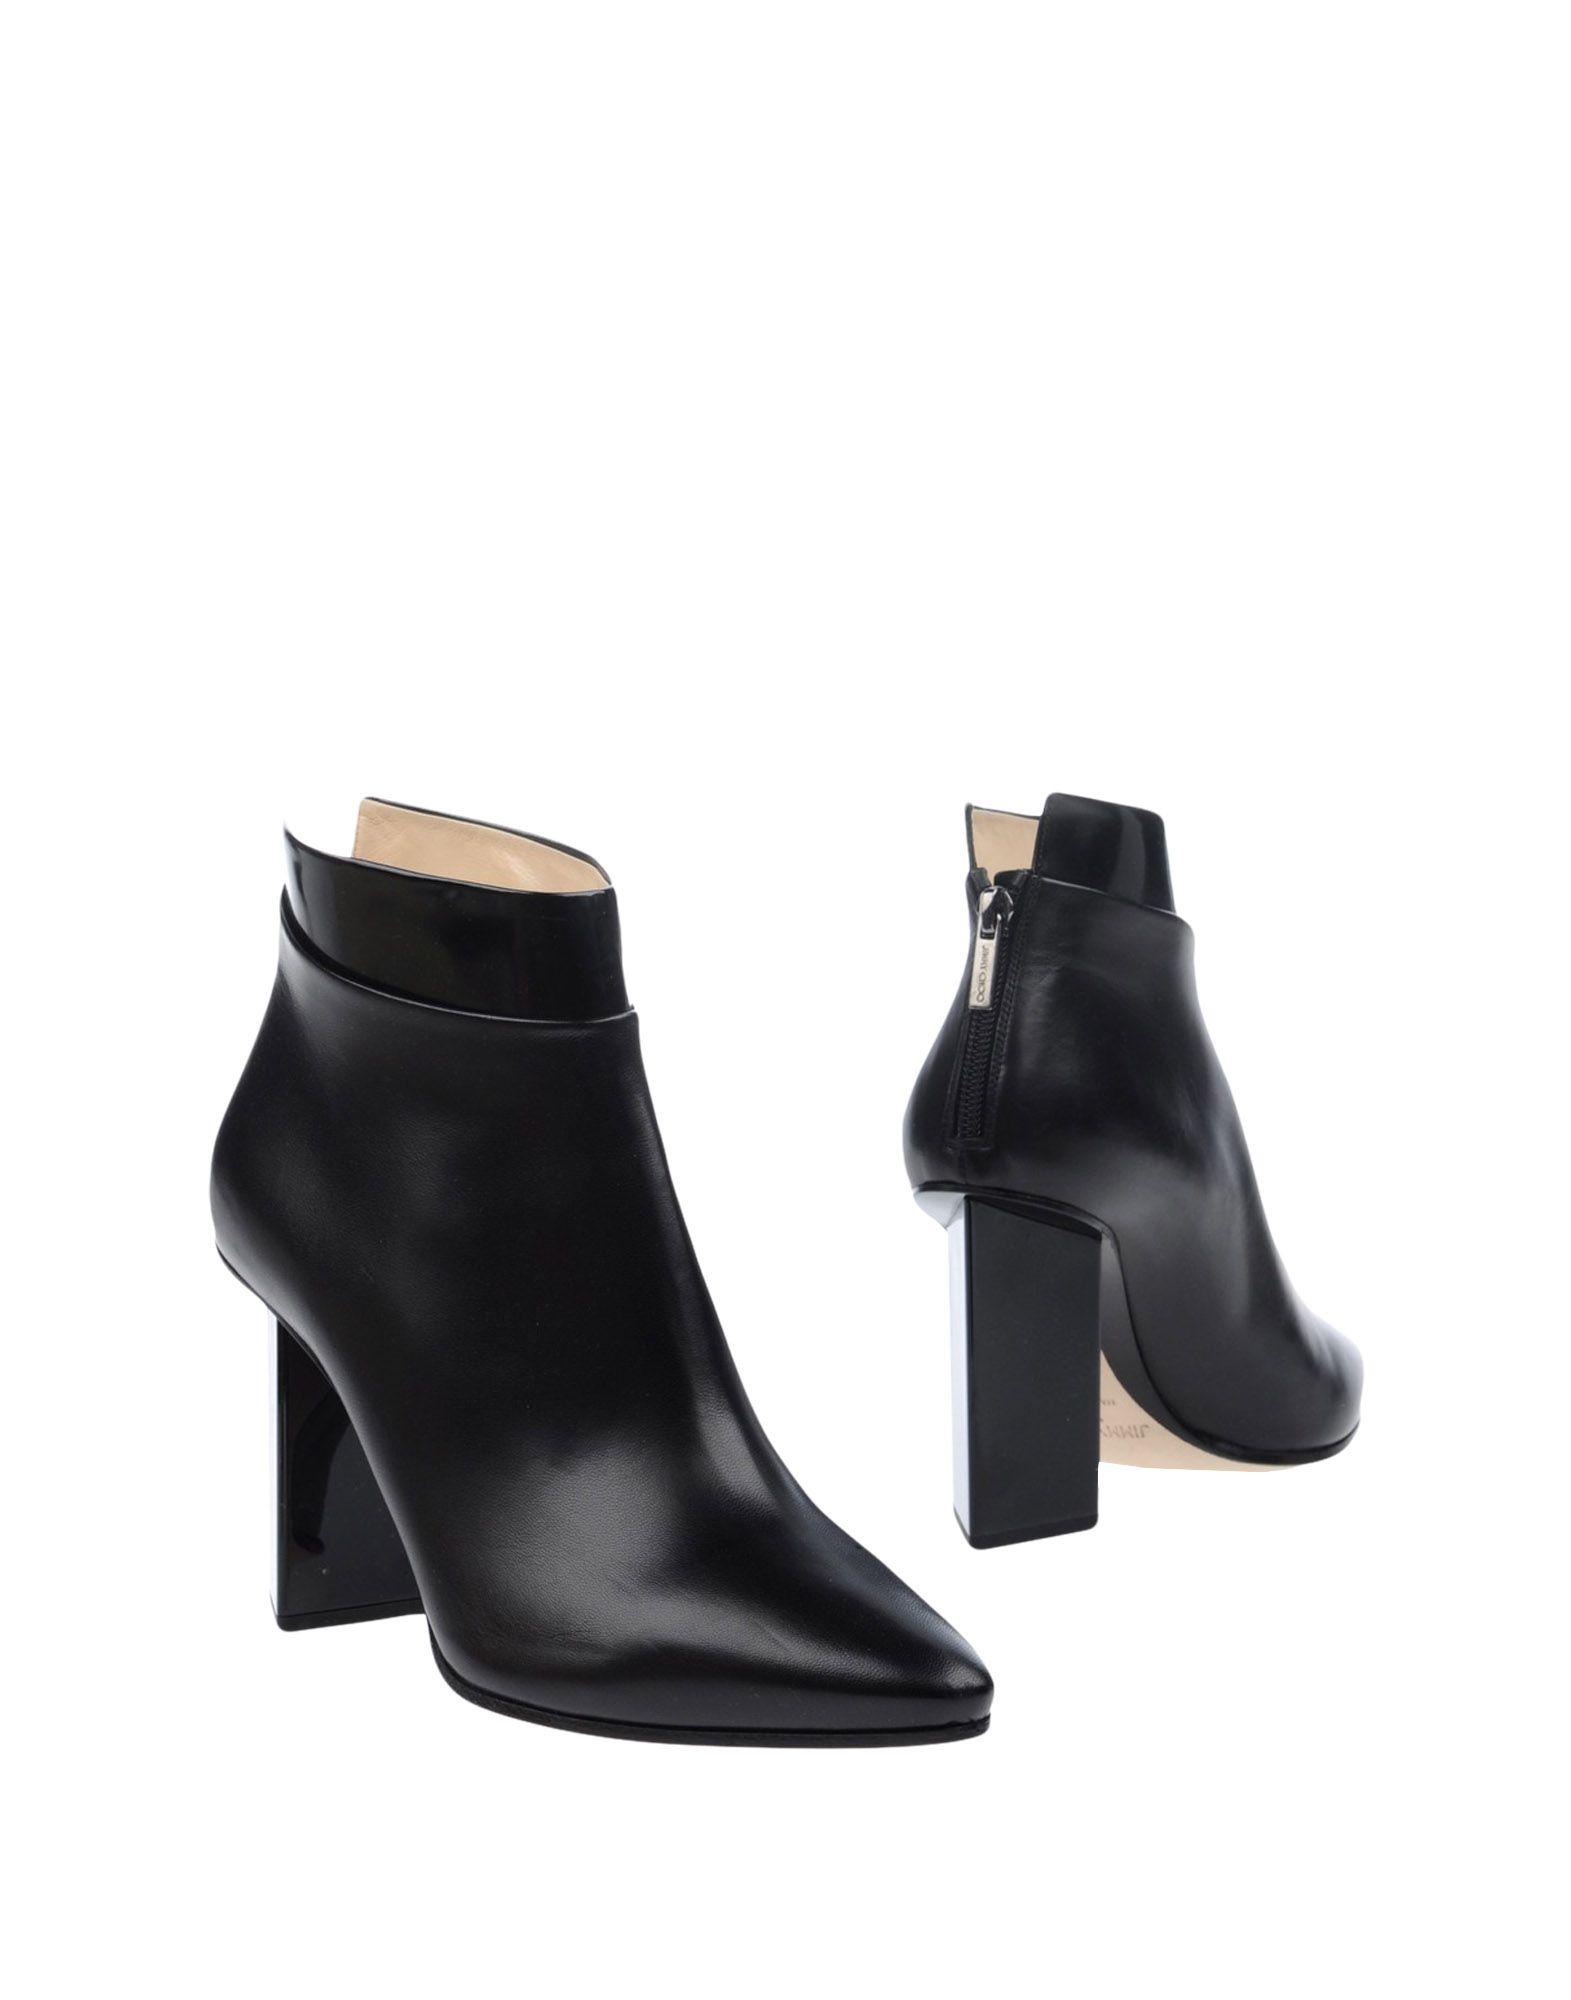 Jimmy Choo Stiefelette Damen  11276422LRGünstige gut aussehende Schuhe